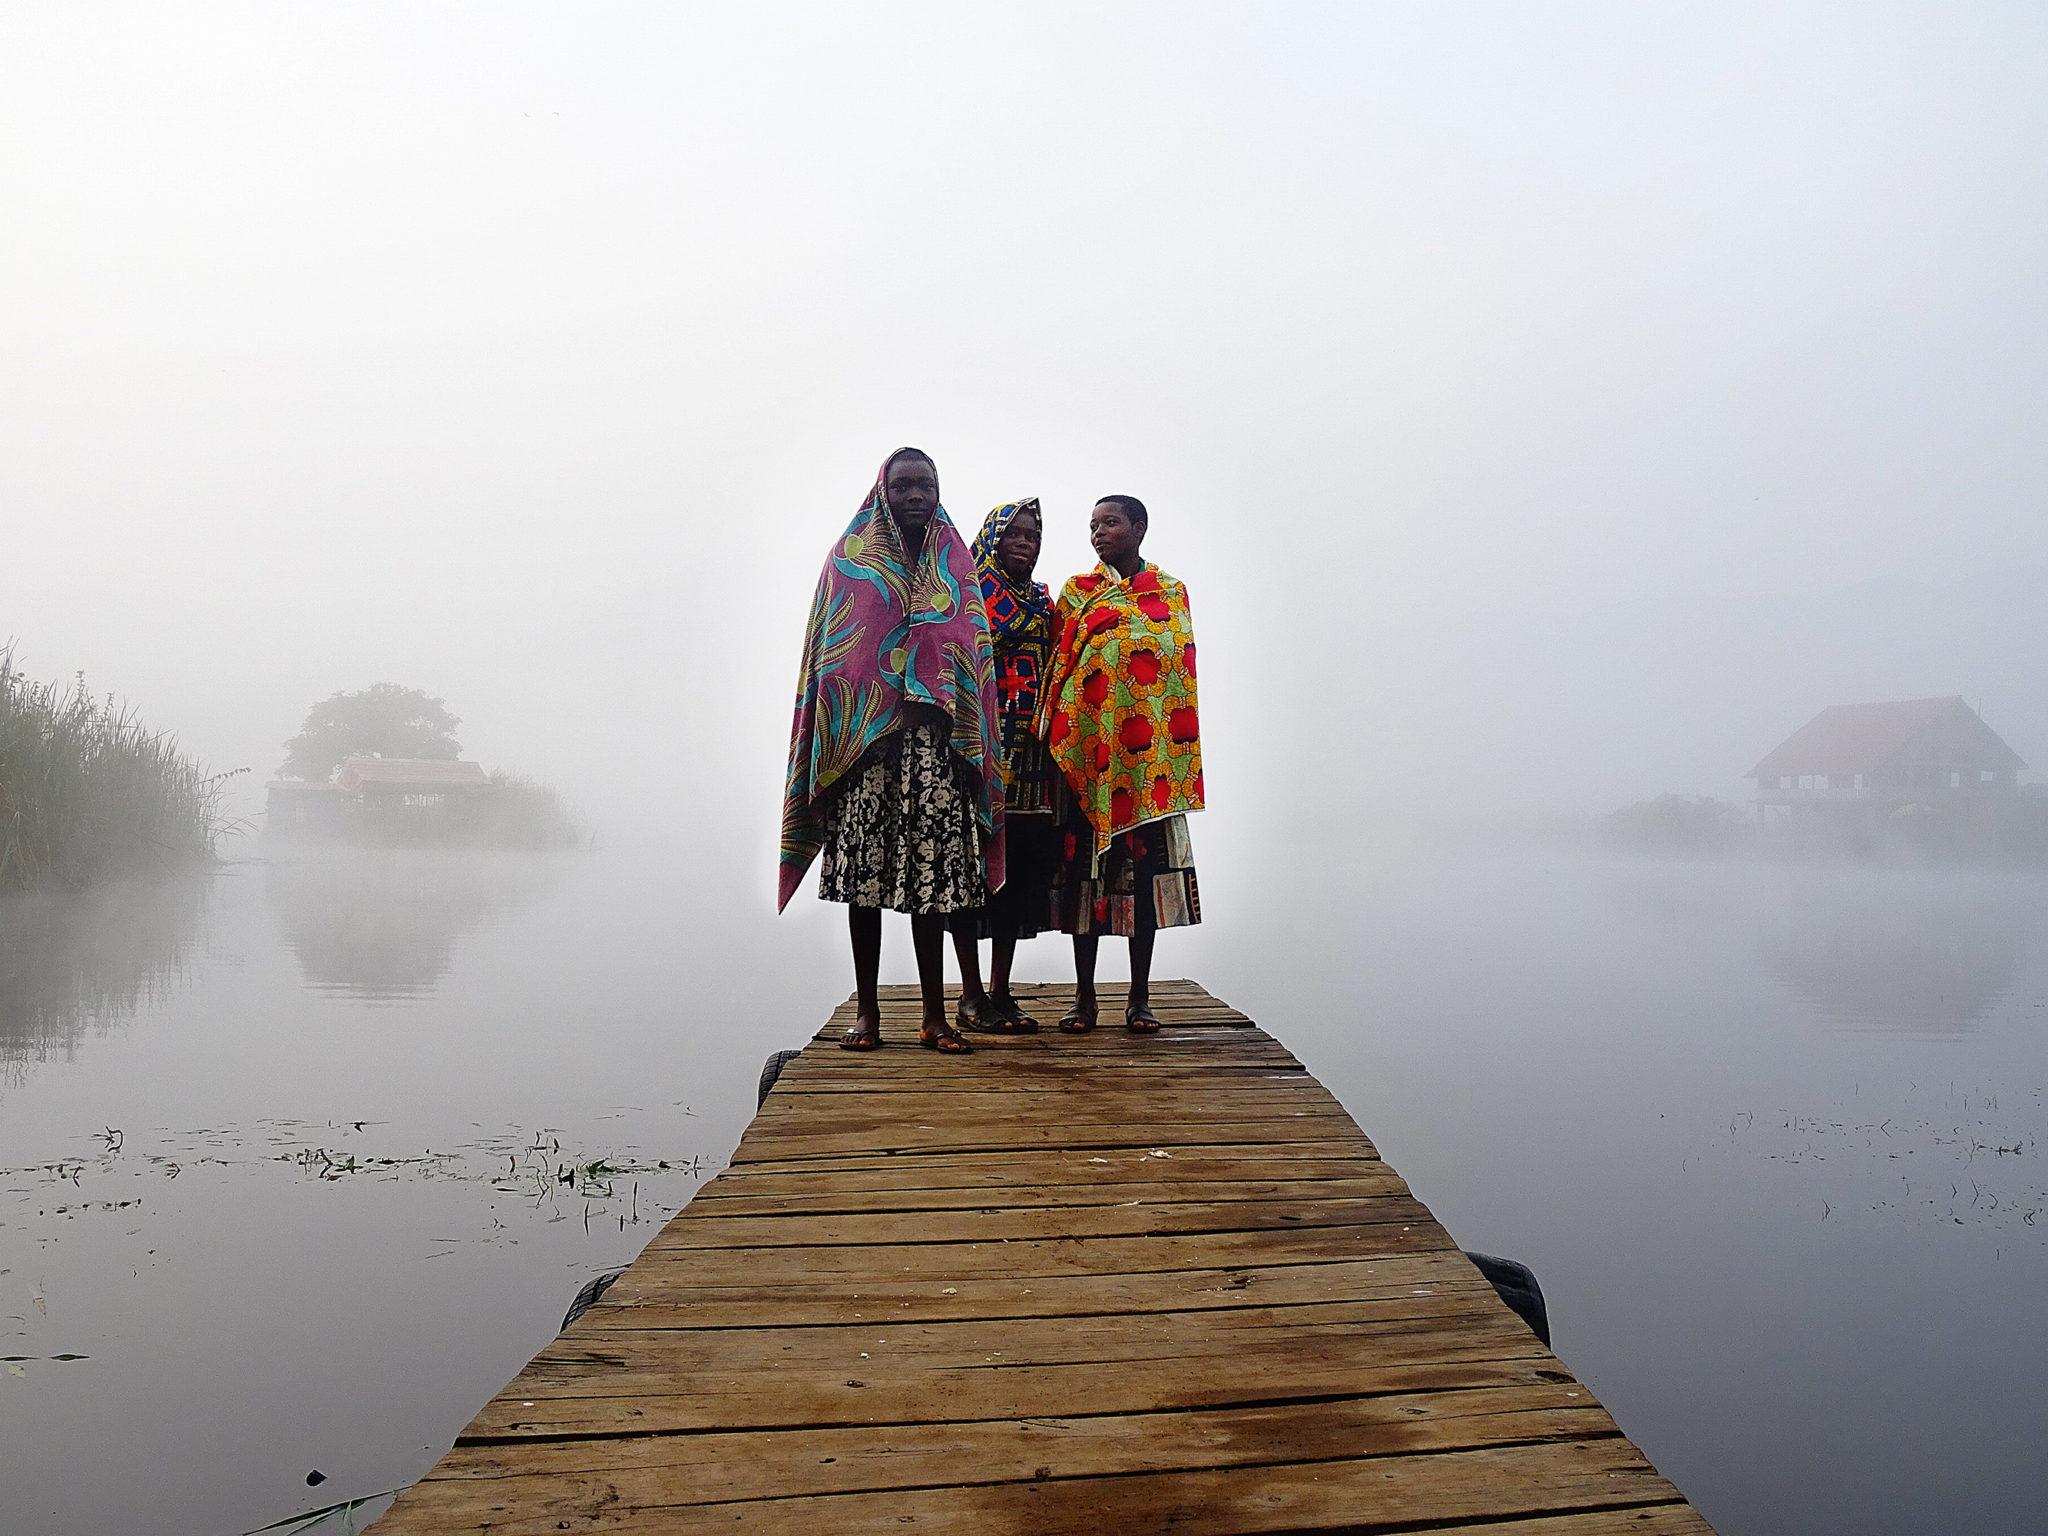 Reisen Fahrrad Afrika: Der Film Anderswo von Anselm Pahnke